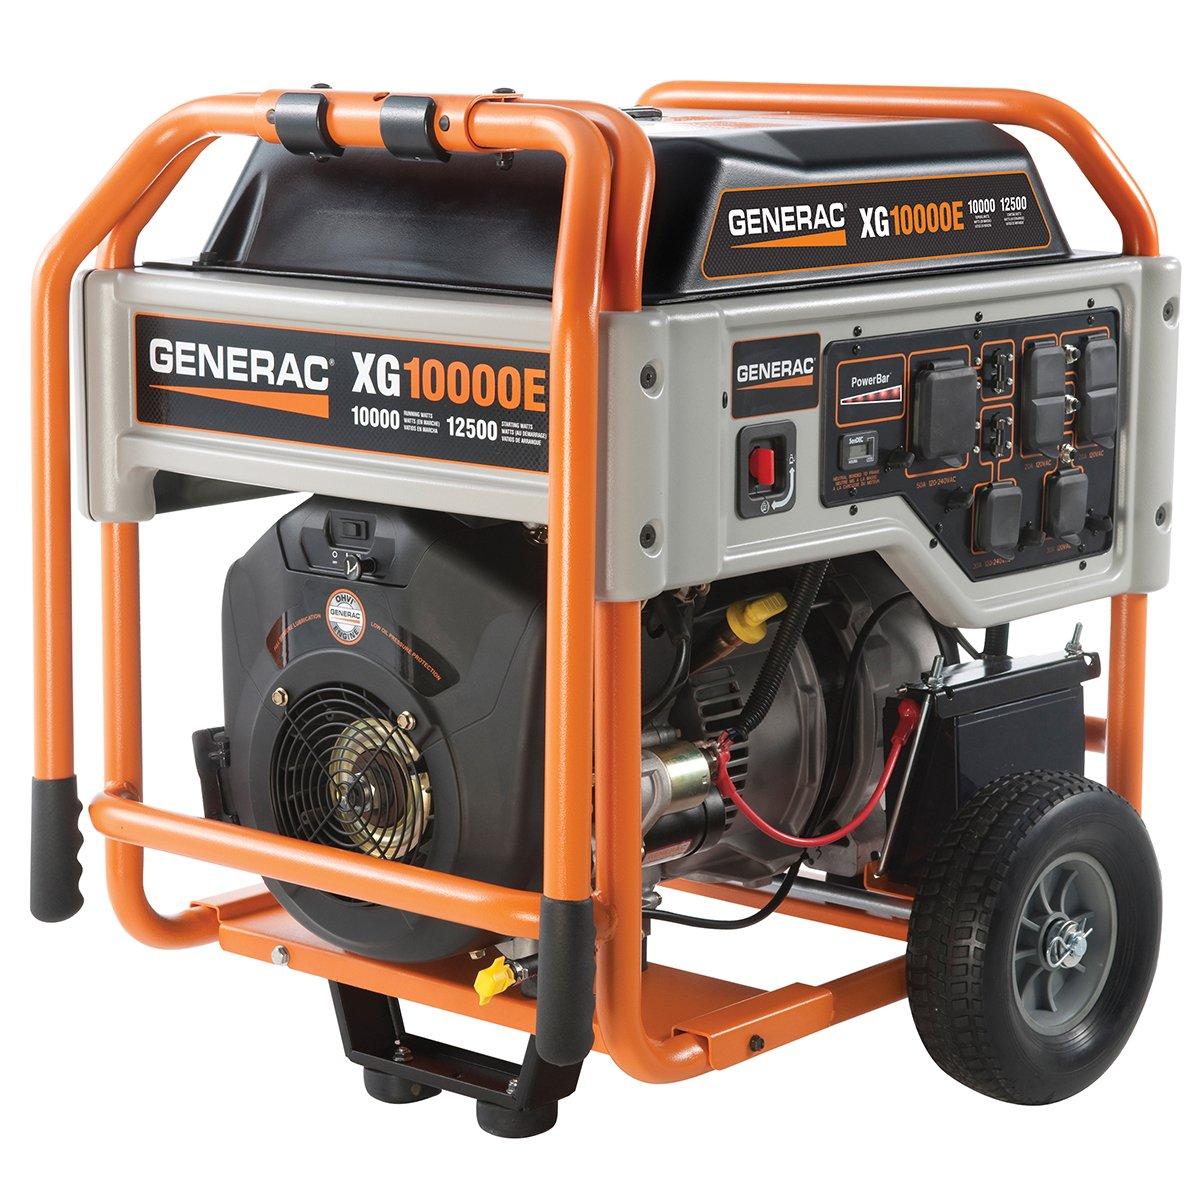 Generac 5802, 10000 Running Watts/12500 Starting Watts, Gas Powered Portable Generator